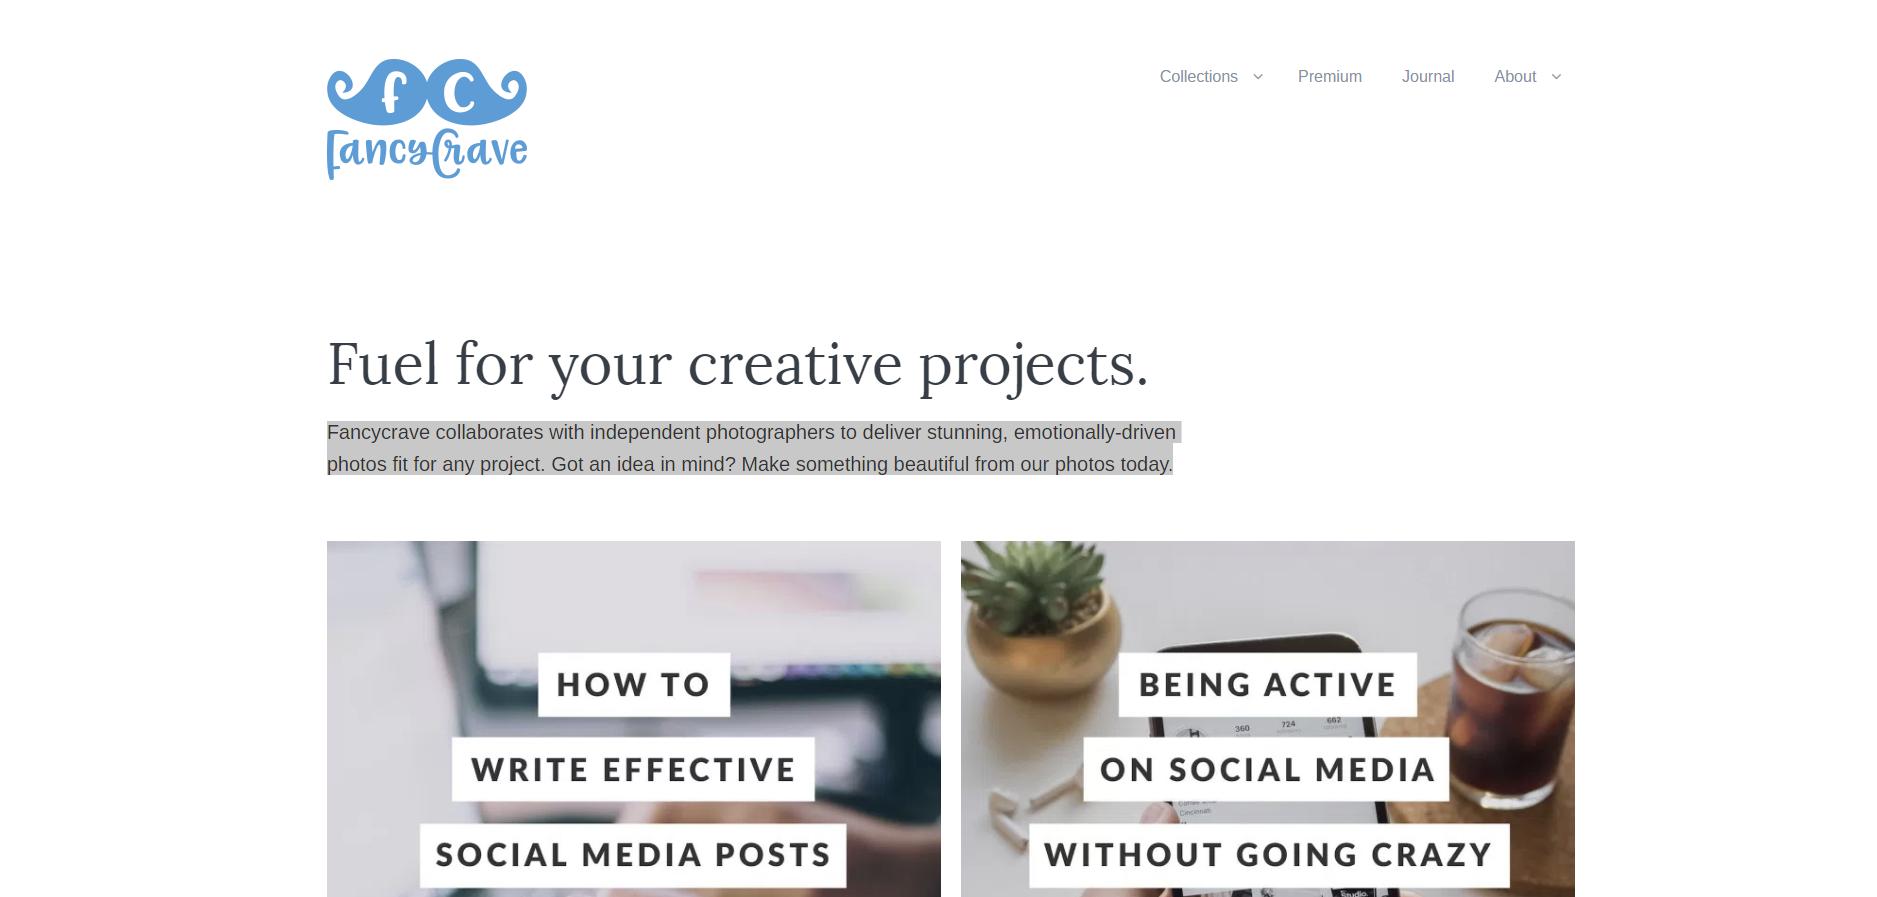 FancyCrave, jogtiszta fotók, ingyenes fotók, jogtiszta képek, ingyenes képek, ingyenes png ábrák, ingyenes háttérképek, ingyenes logó